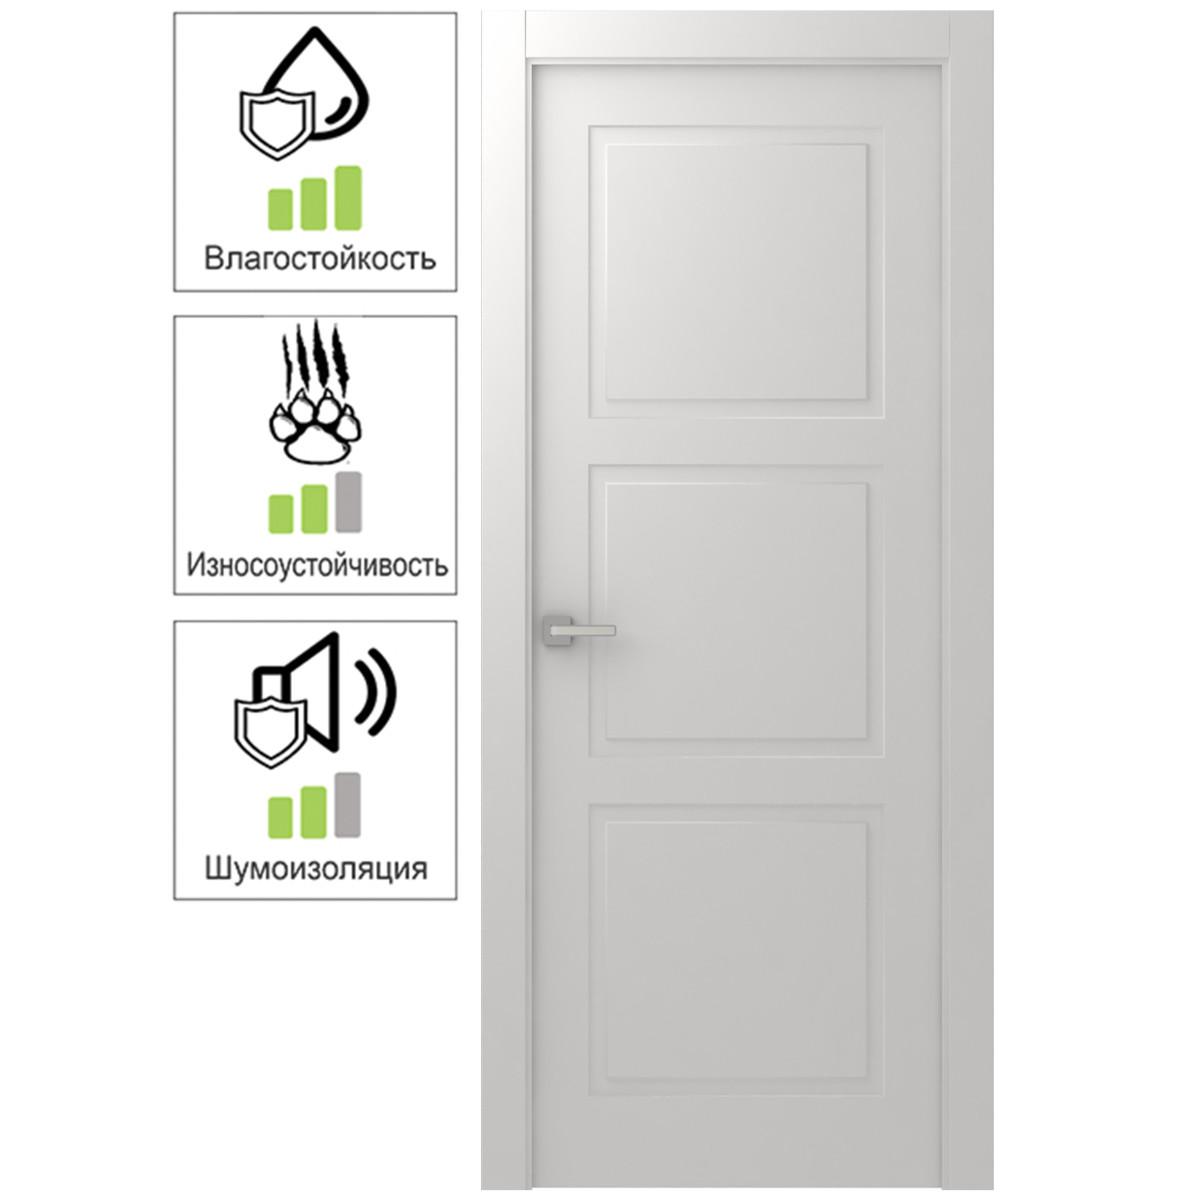 Дверь межкомнатная глухая с замком в комплекте Британия 90x200 см цвет белый